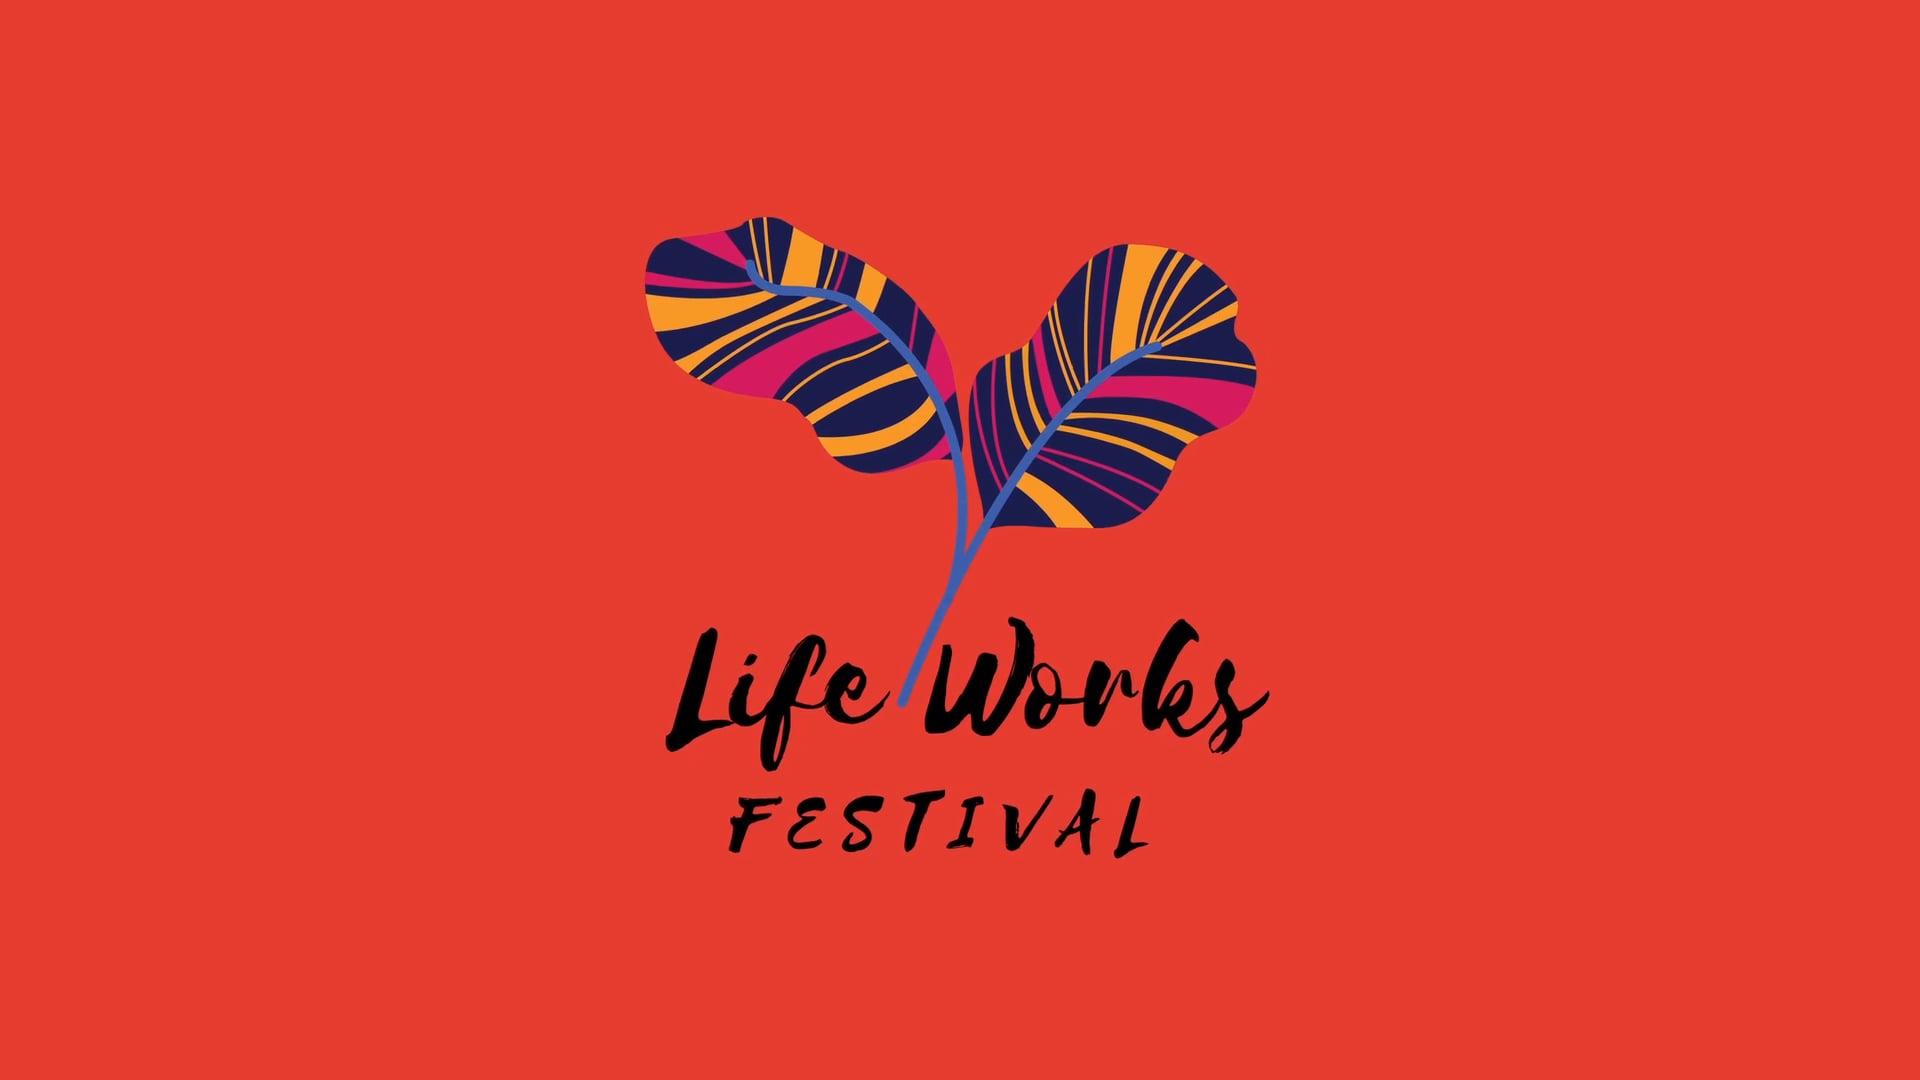 Life Works Festival